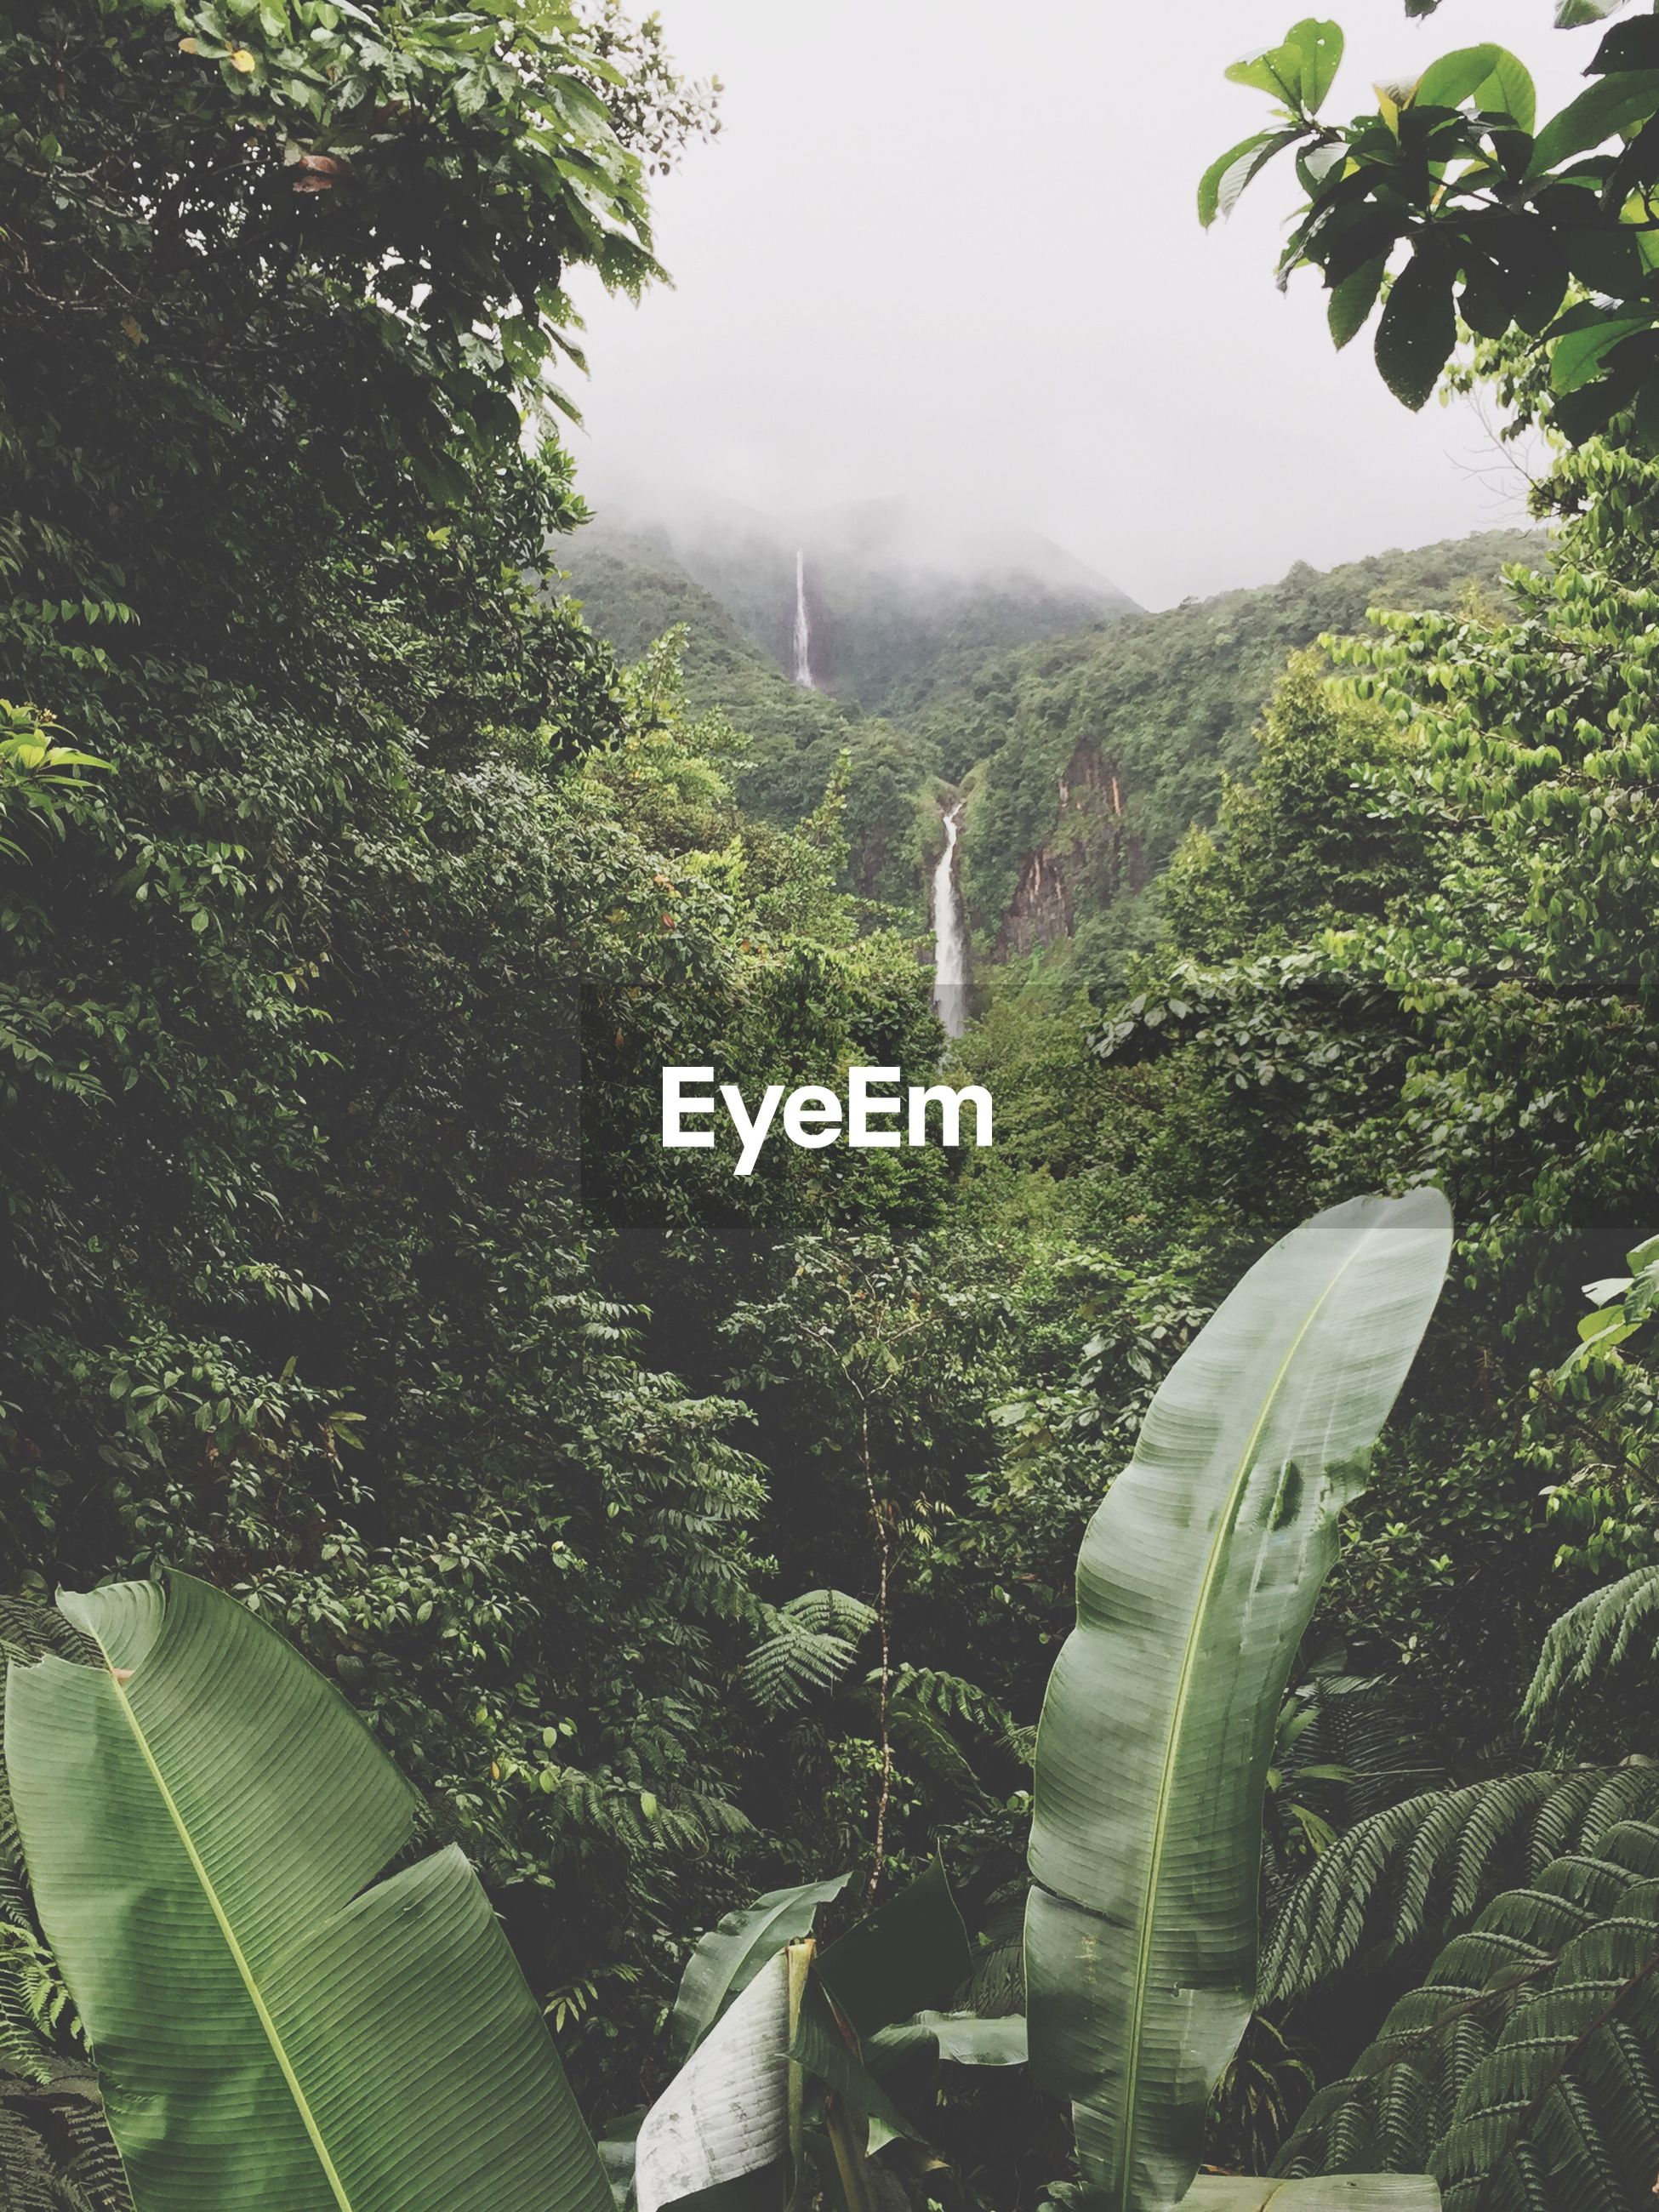 Trees on mountains